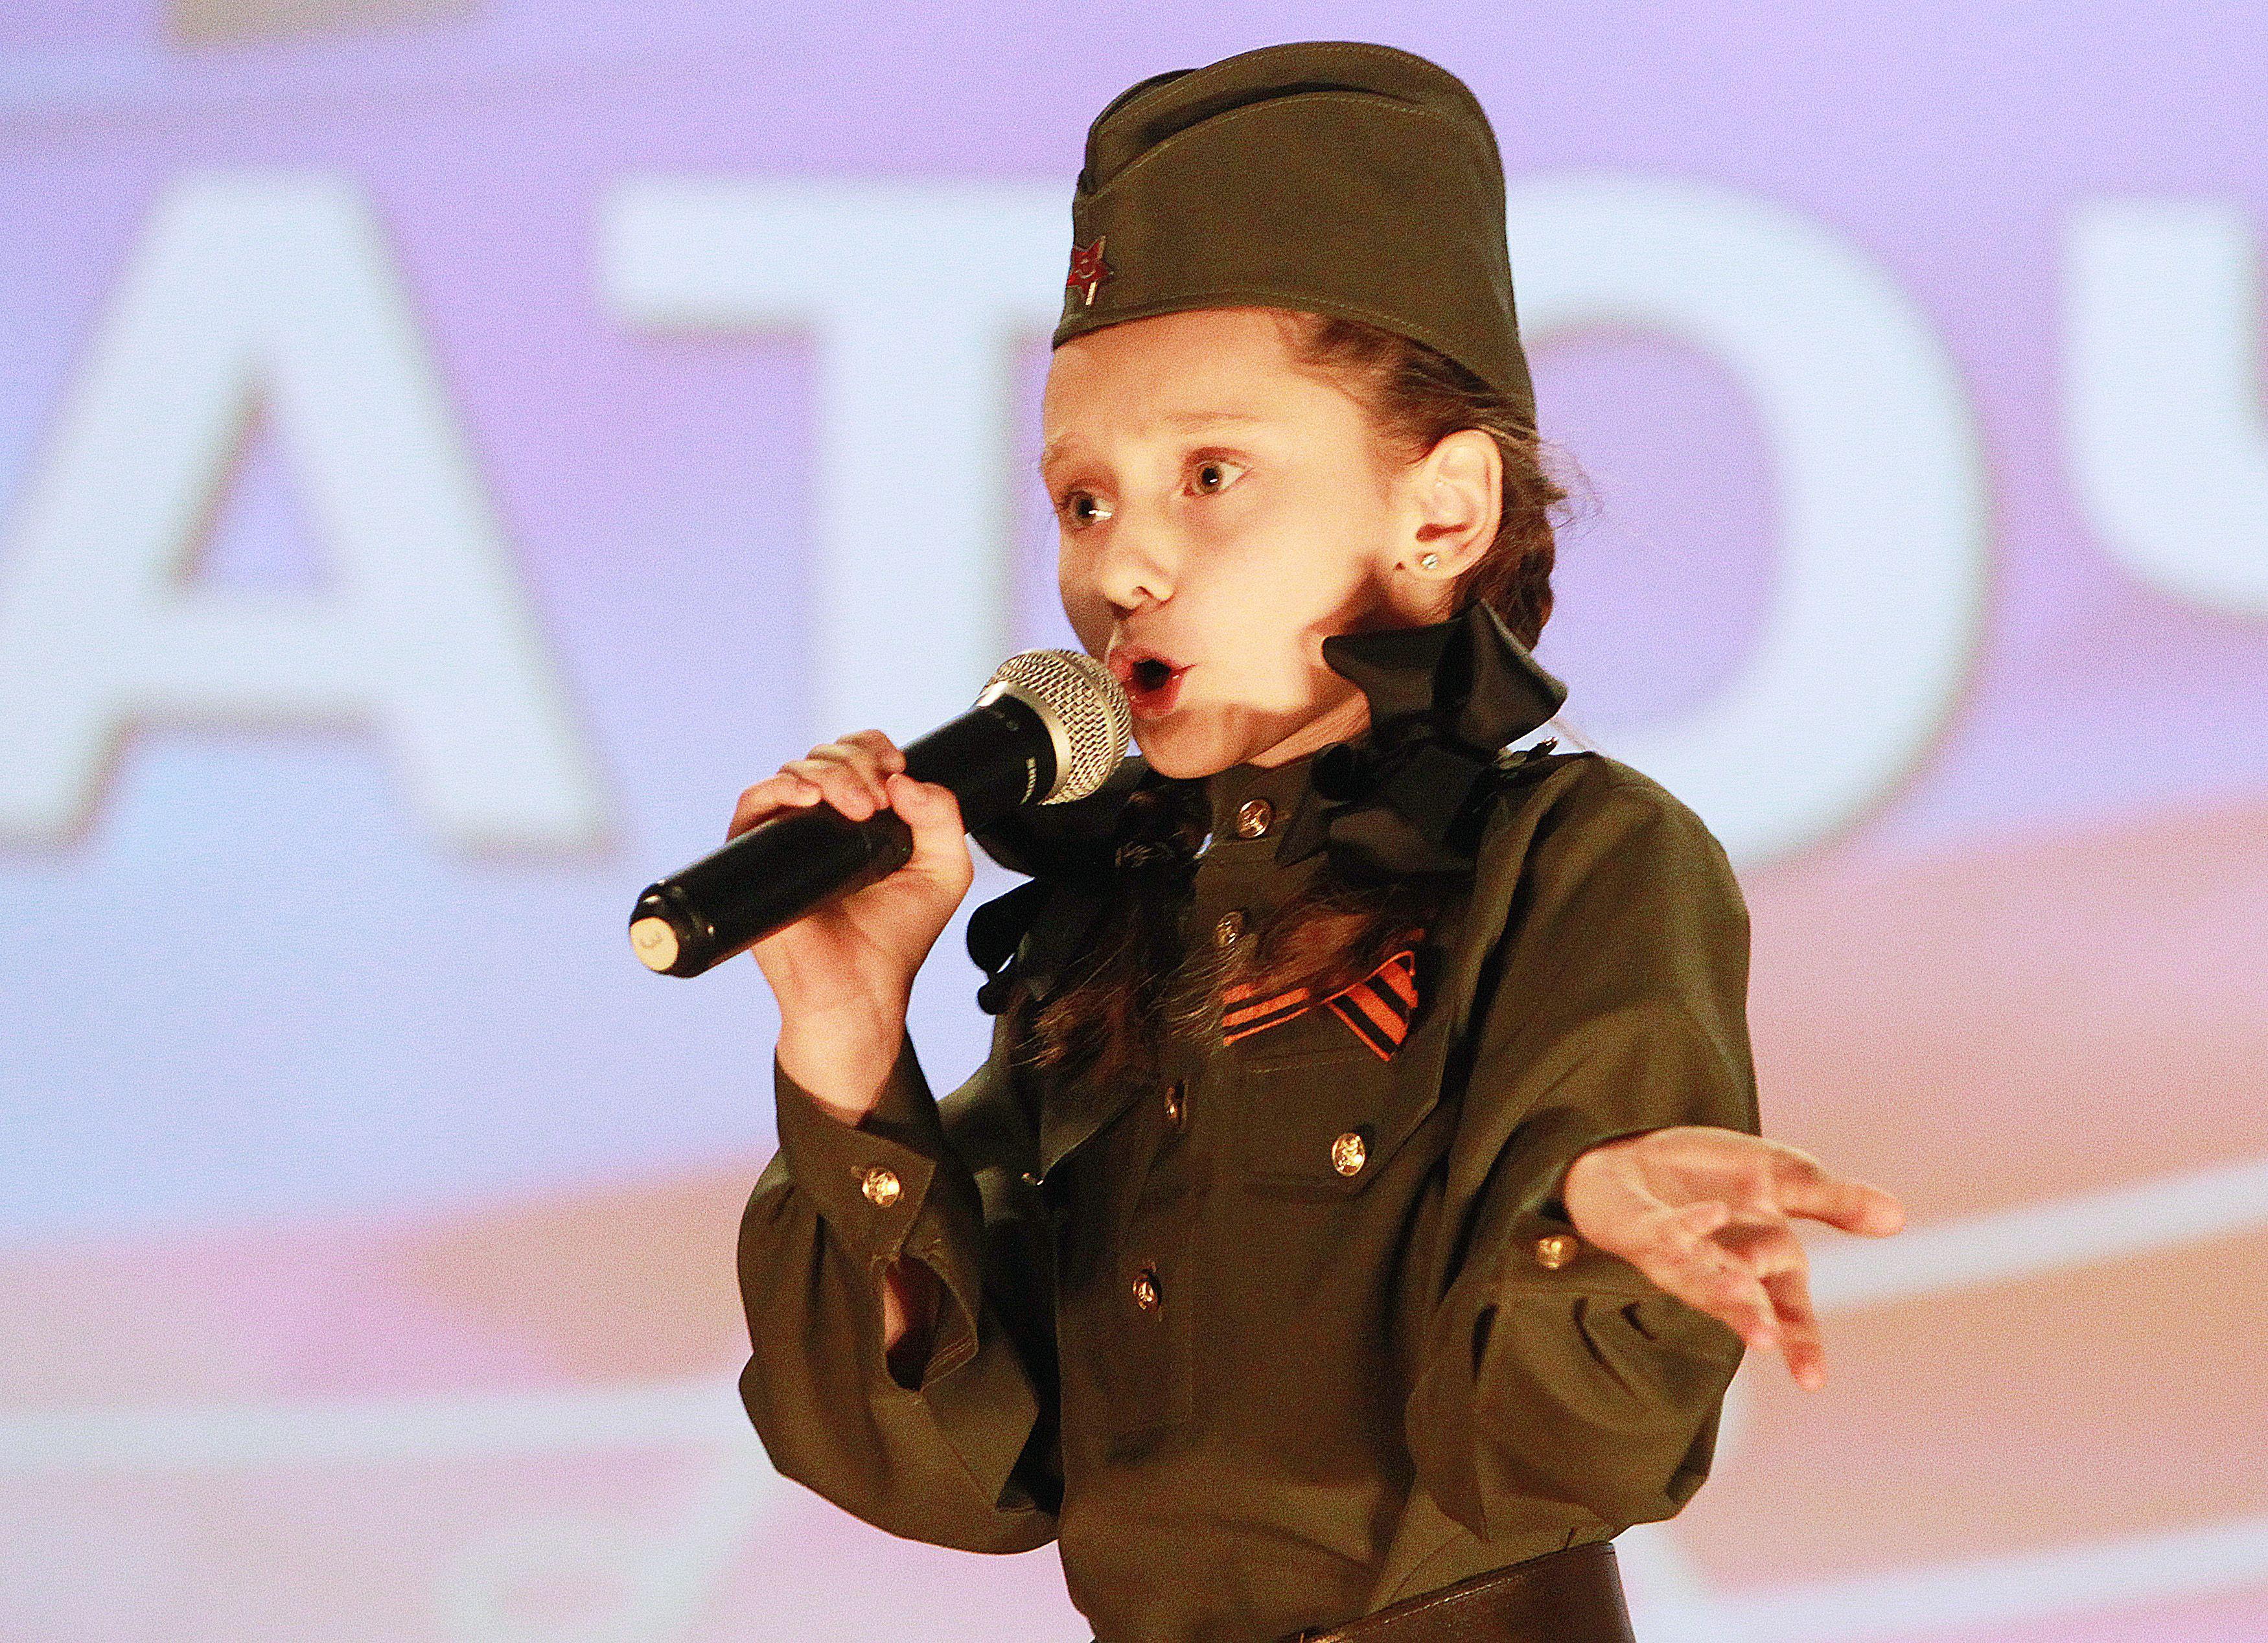 Ученики школы в Кокошкине выступили на патриотическом фестивале